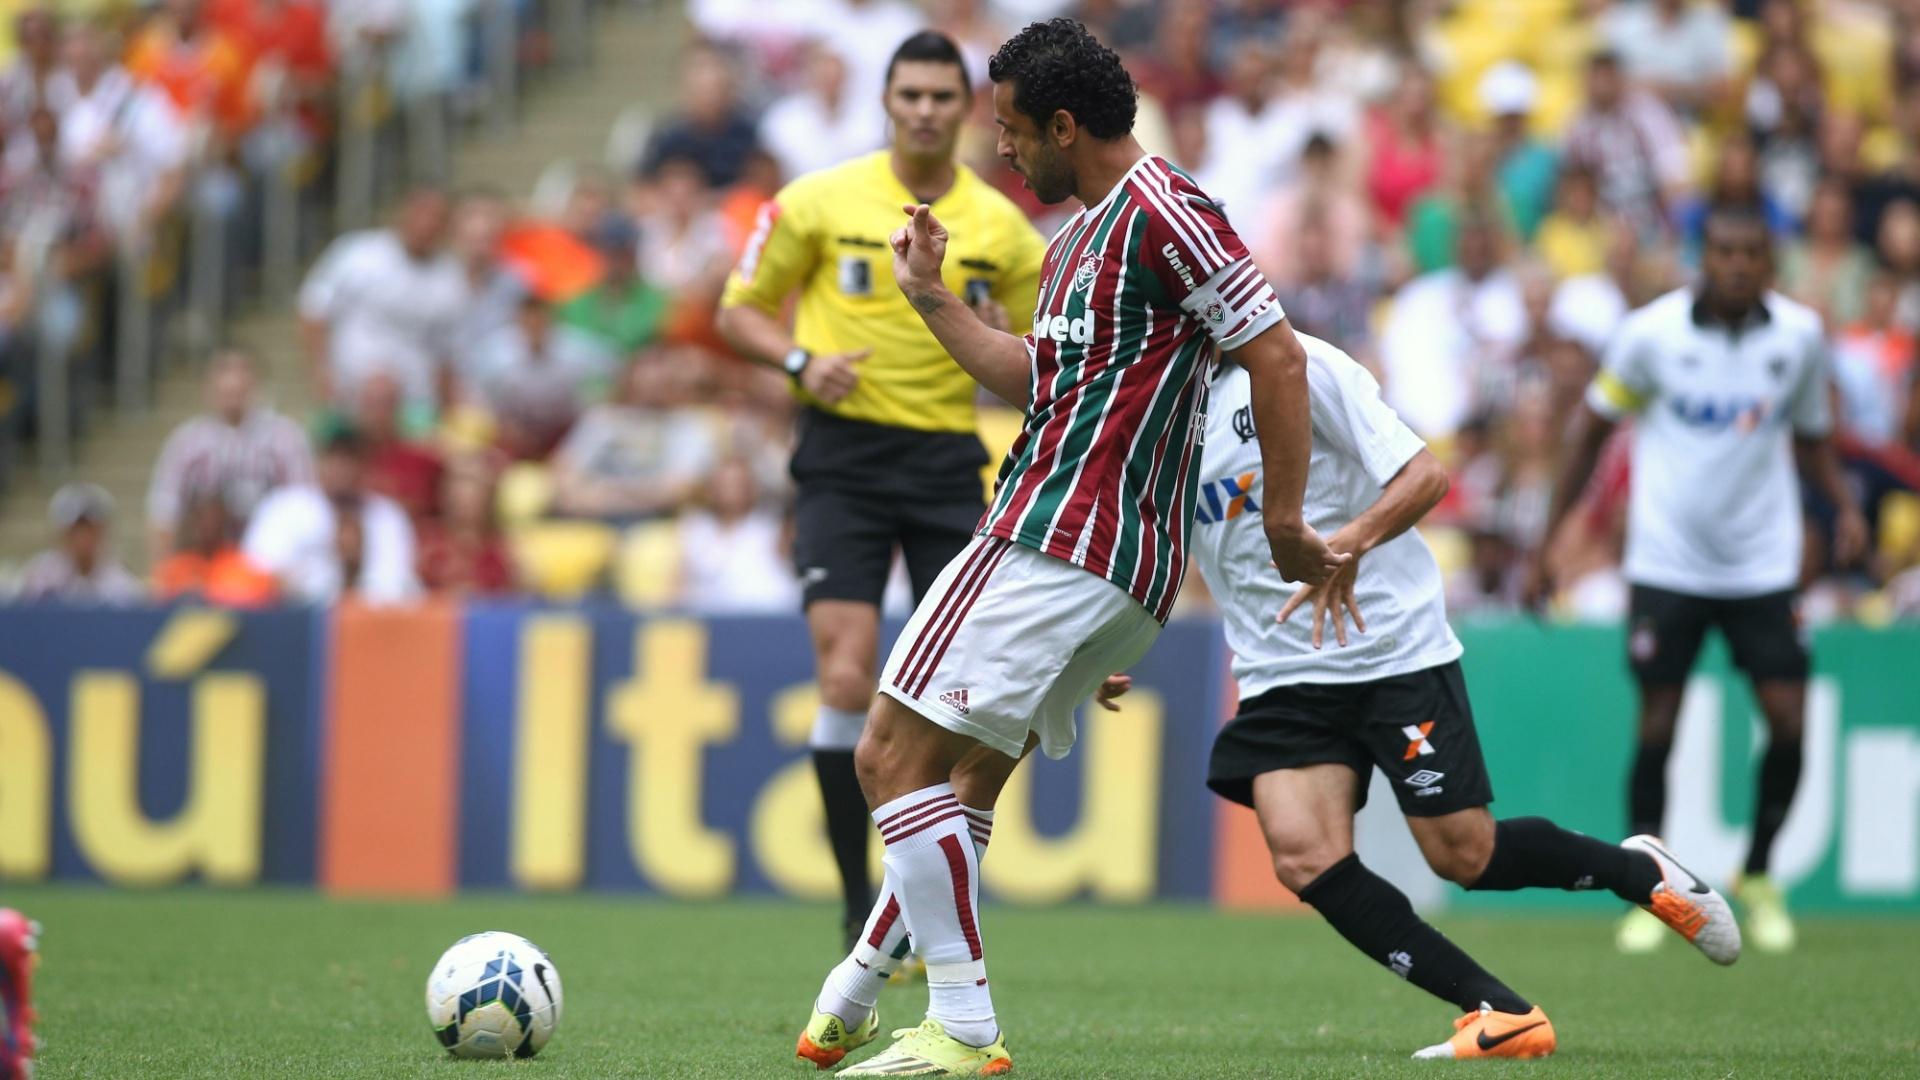 Fred tenta passe durante o jogo contra o Atlético-PR